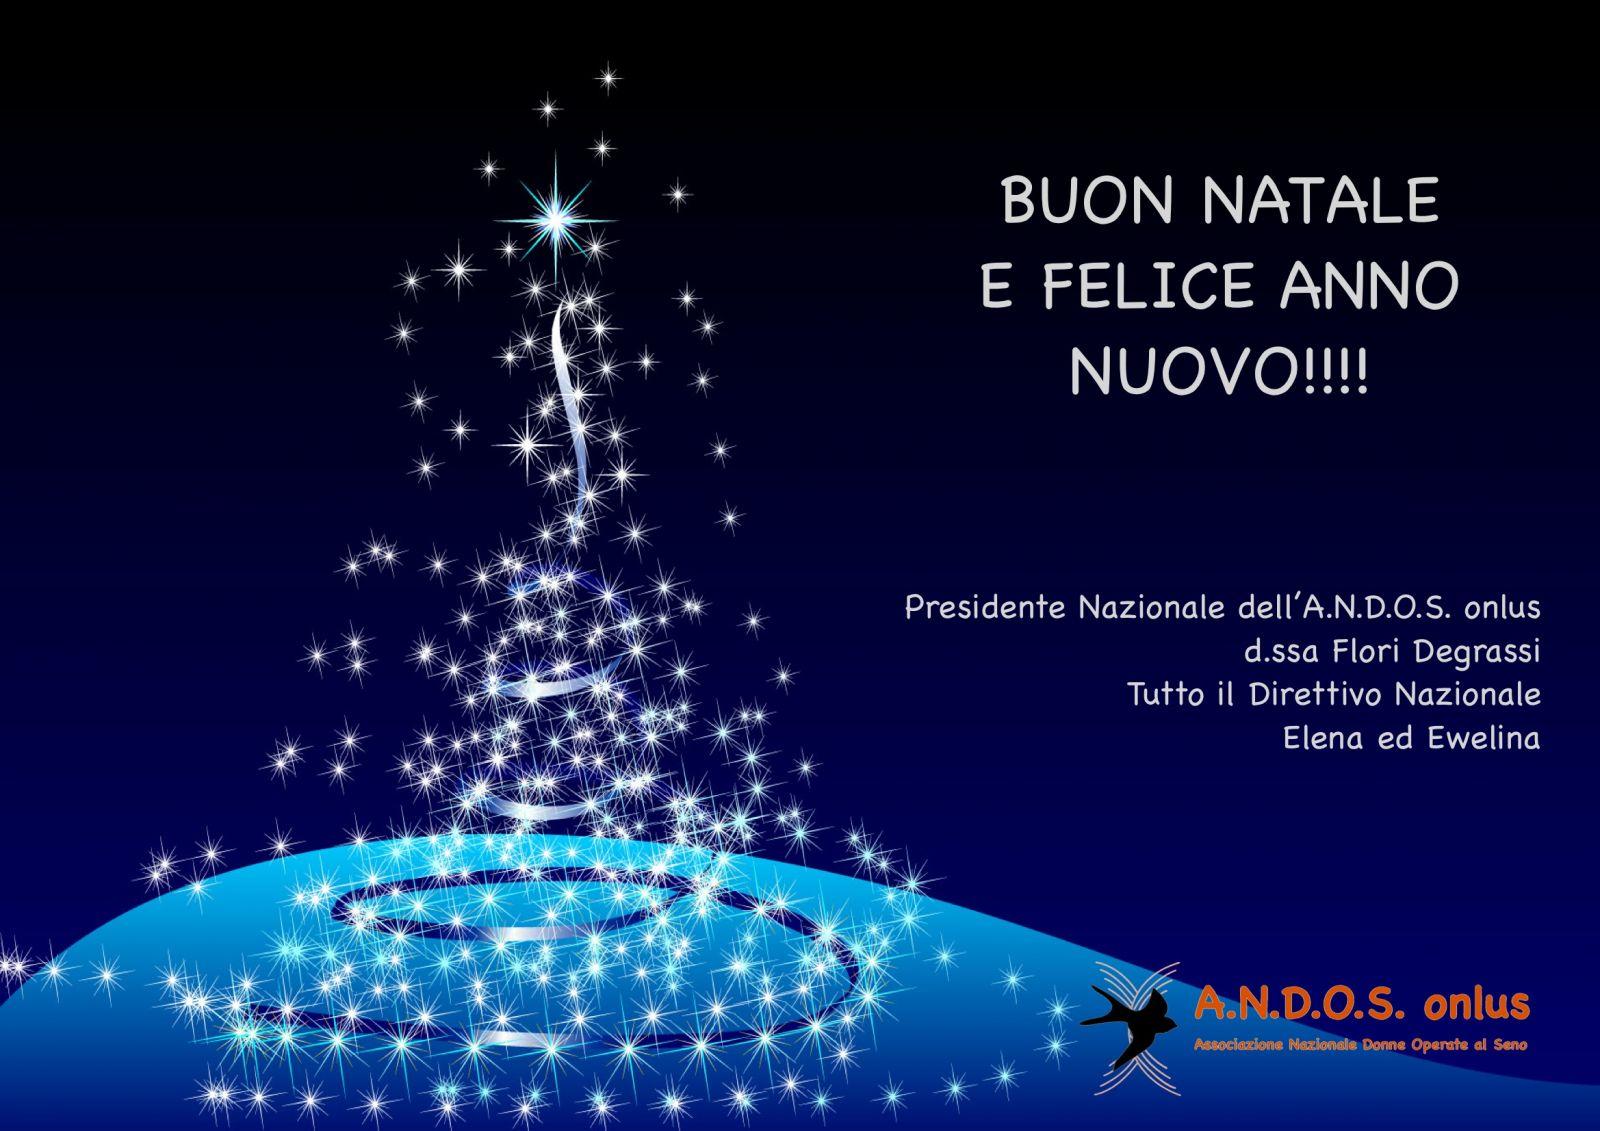 Auguri Di Natale 105.Auguri Di Buon Natale E Felice Anno Nuovo